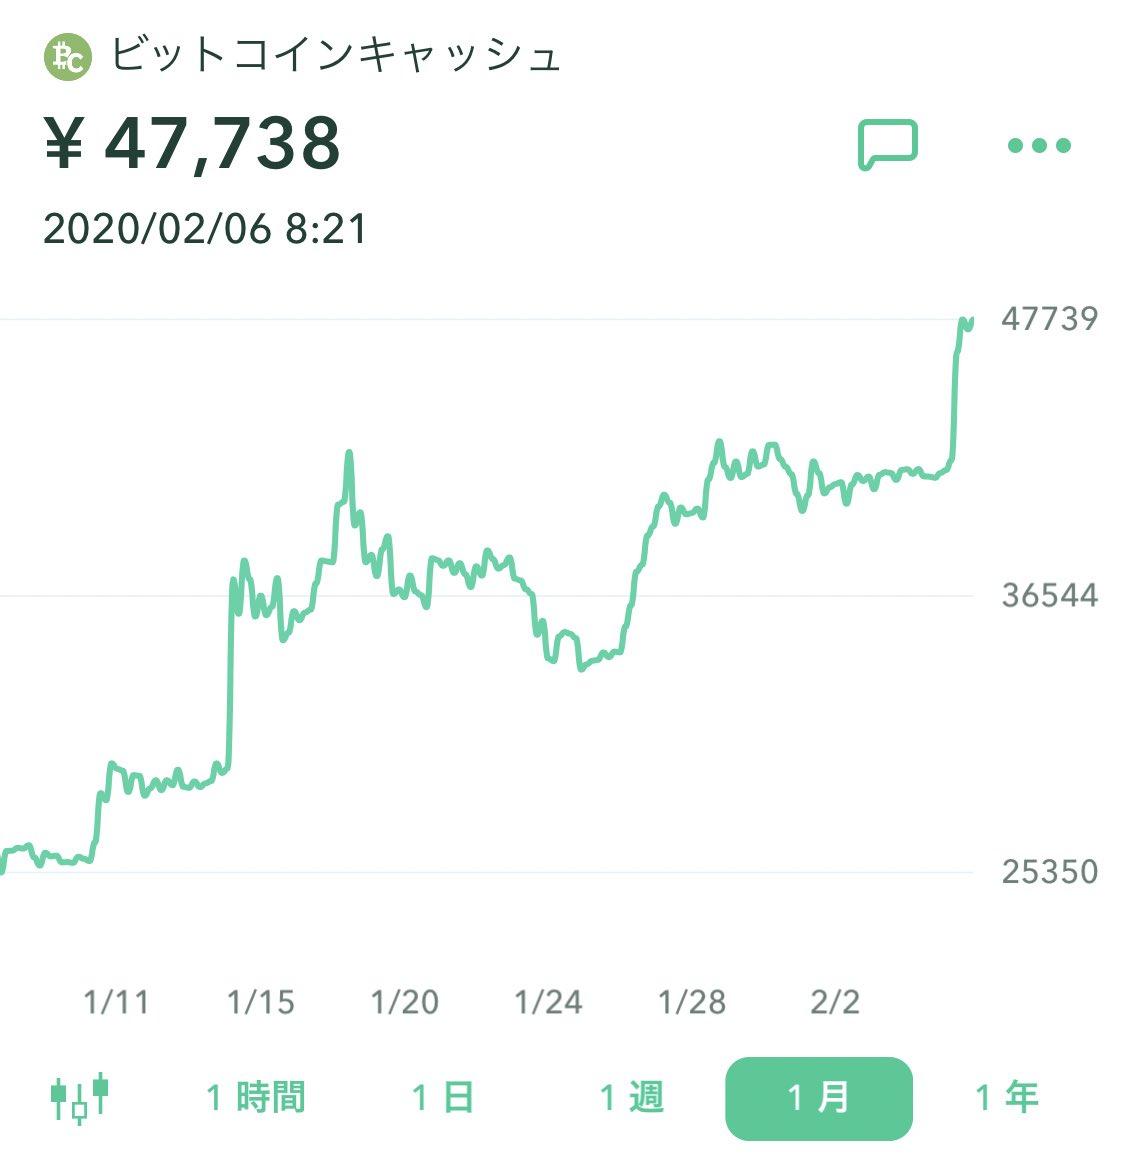 株式が下がった時に金と同じく買われた仮想通貨。株式が上がった時もそれ以上に上がるという変態的な値動き。ビットコインキャッシュに至っては1ヶ月で1.9倍に🔥ビットコインを始め、主要アルトも1日でこれだけ上がる👇先月から仮想通貨に人が集まってきてるね🏃♂️🏃♂️🏃♂️#半減期 #あとはわかるな